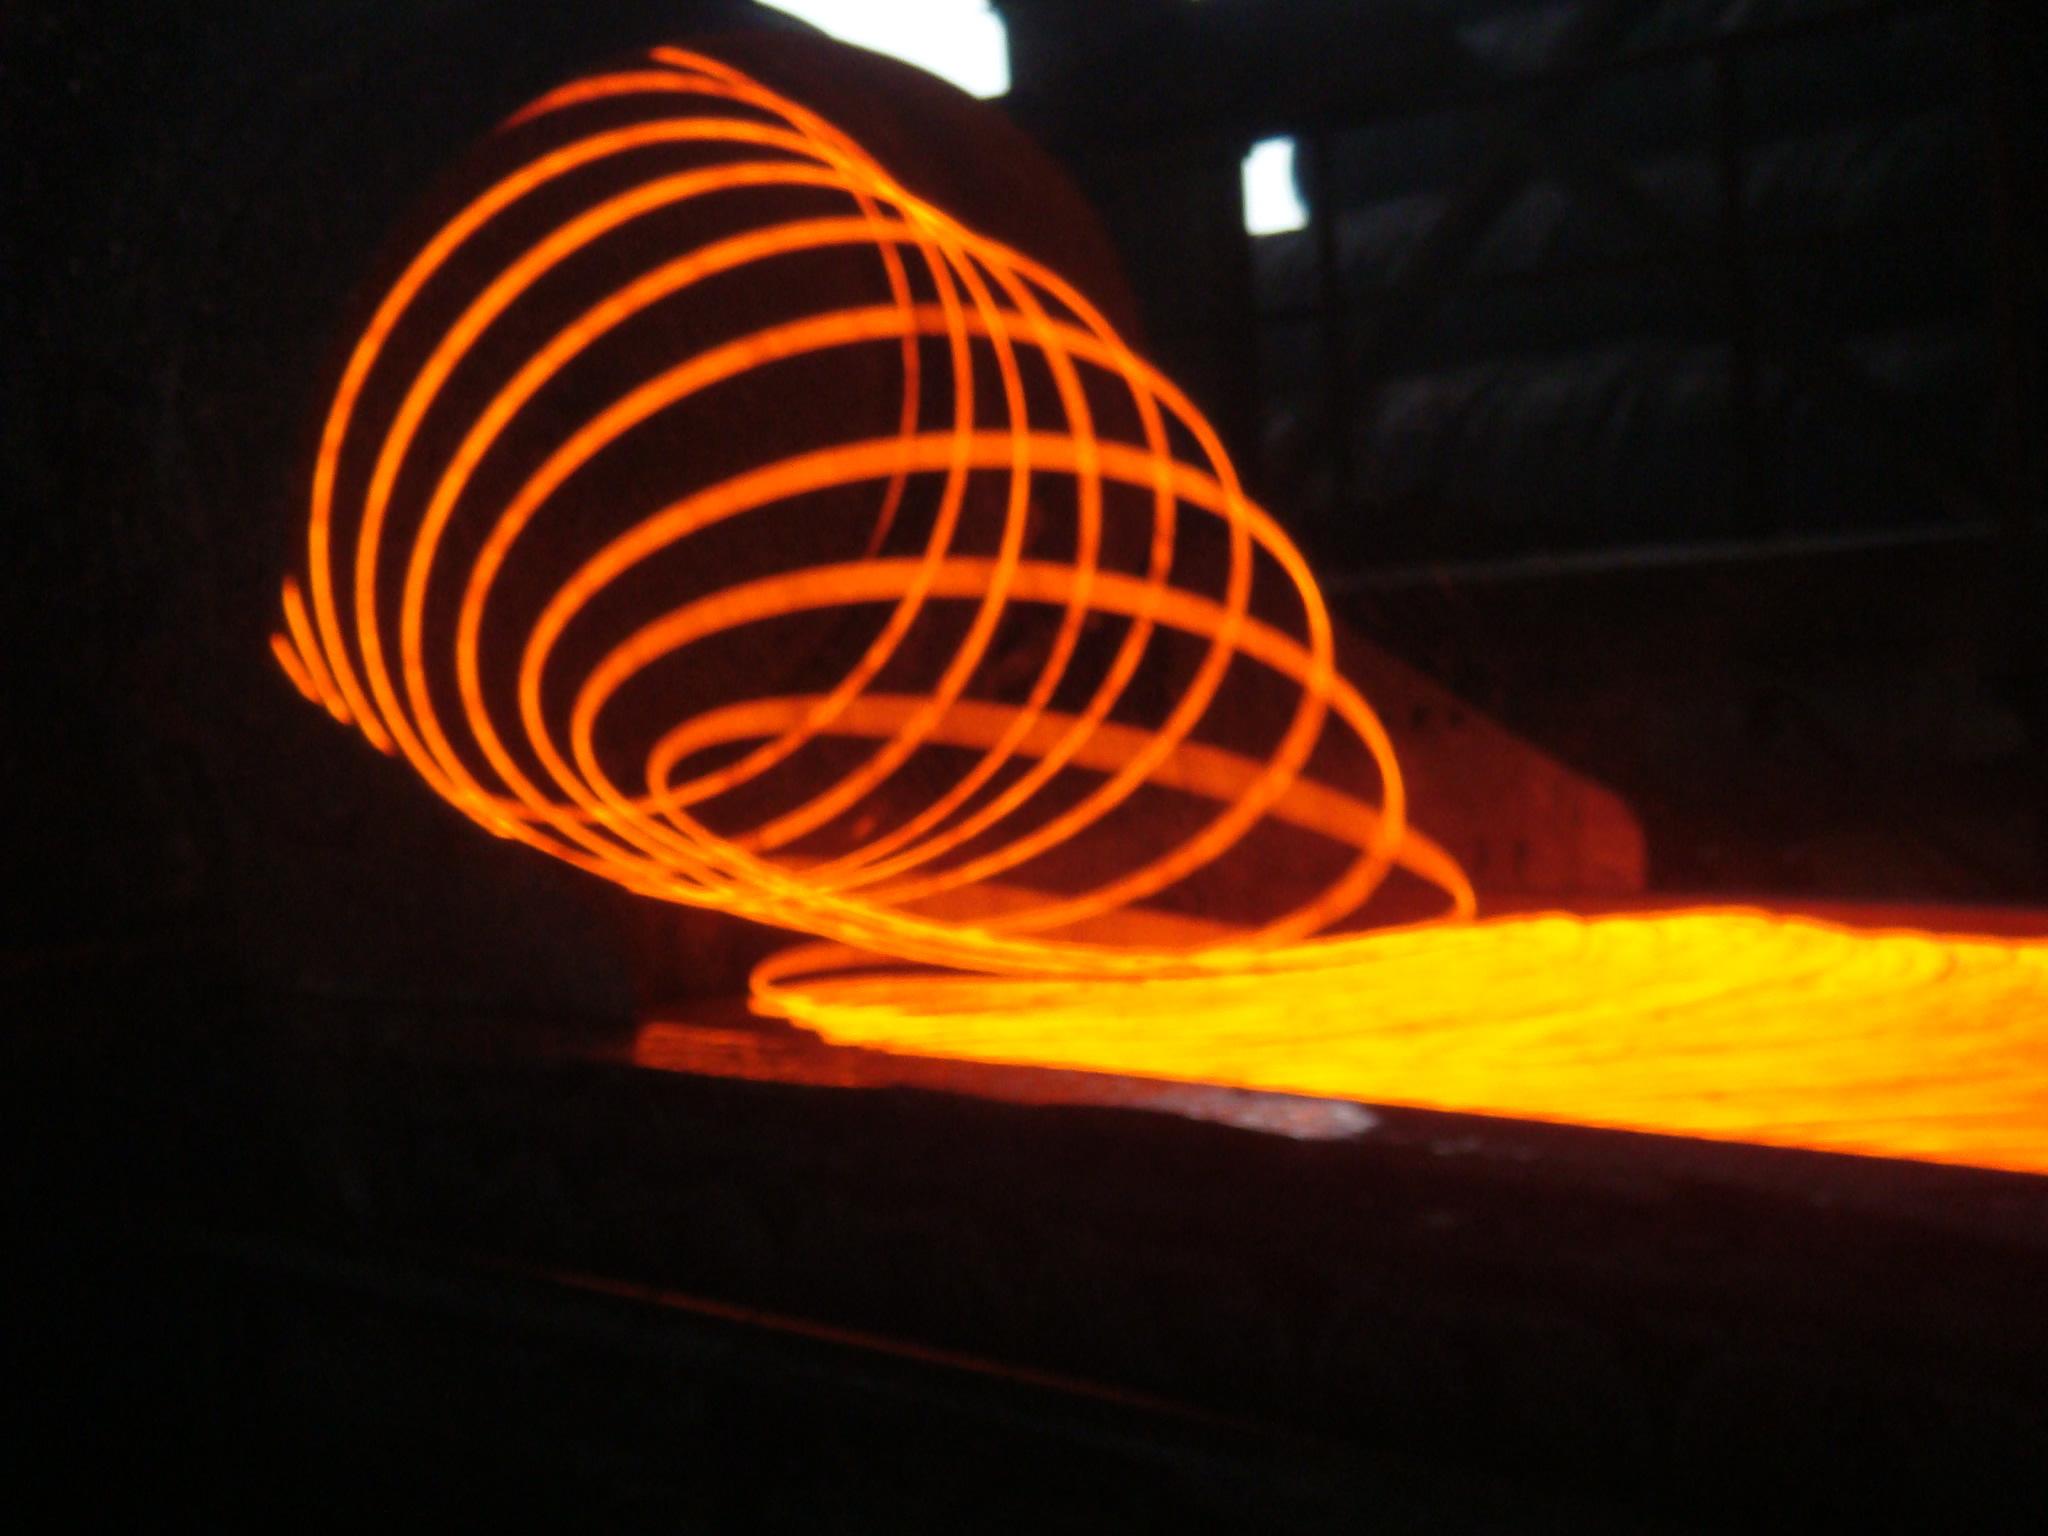 欧普士红外技术测量金属温度